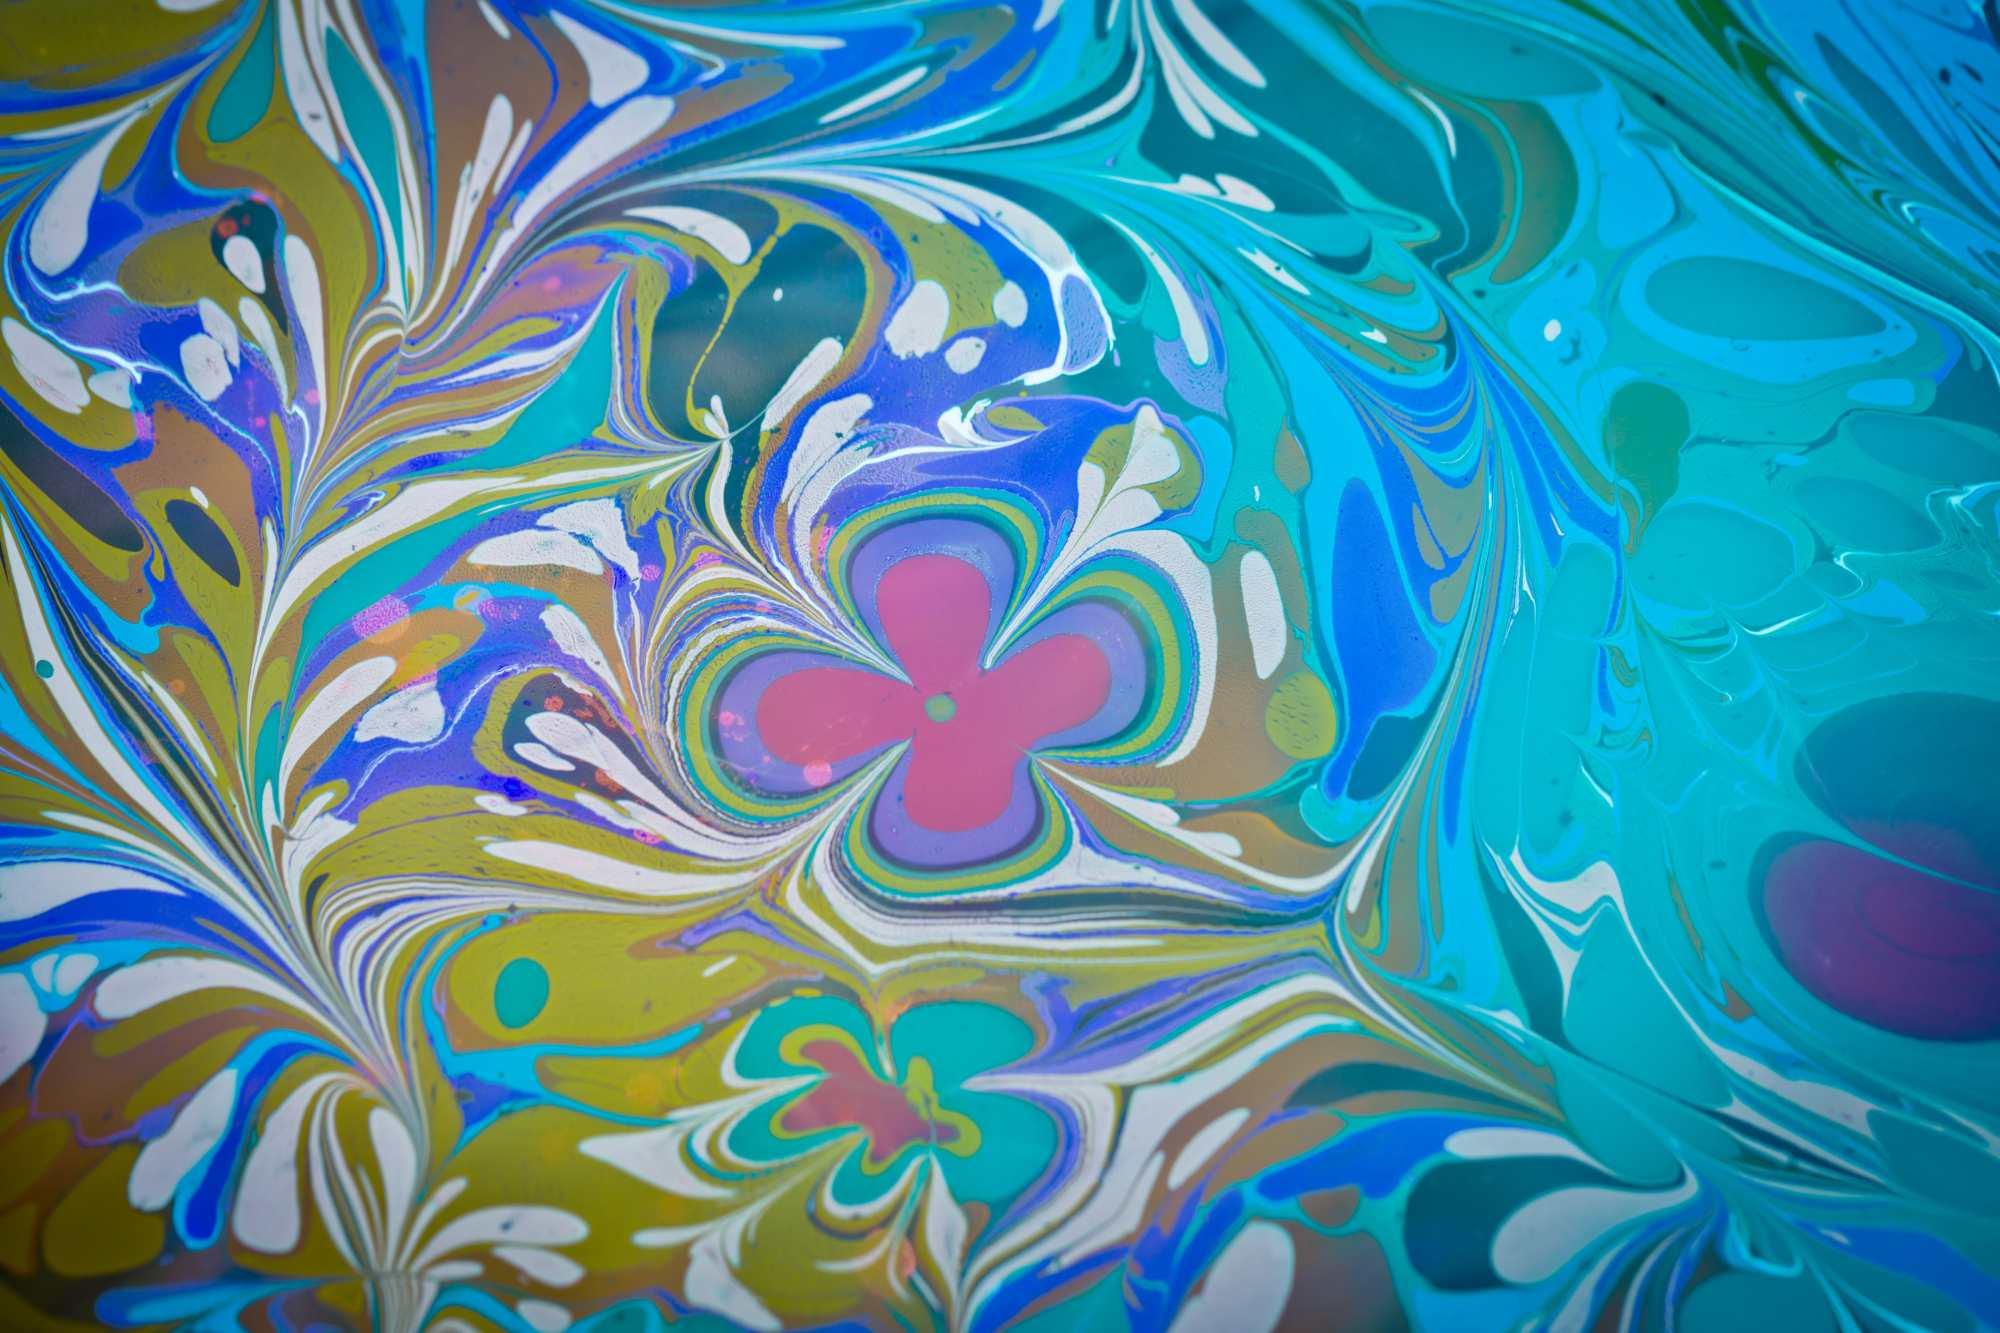 colorful-artwork